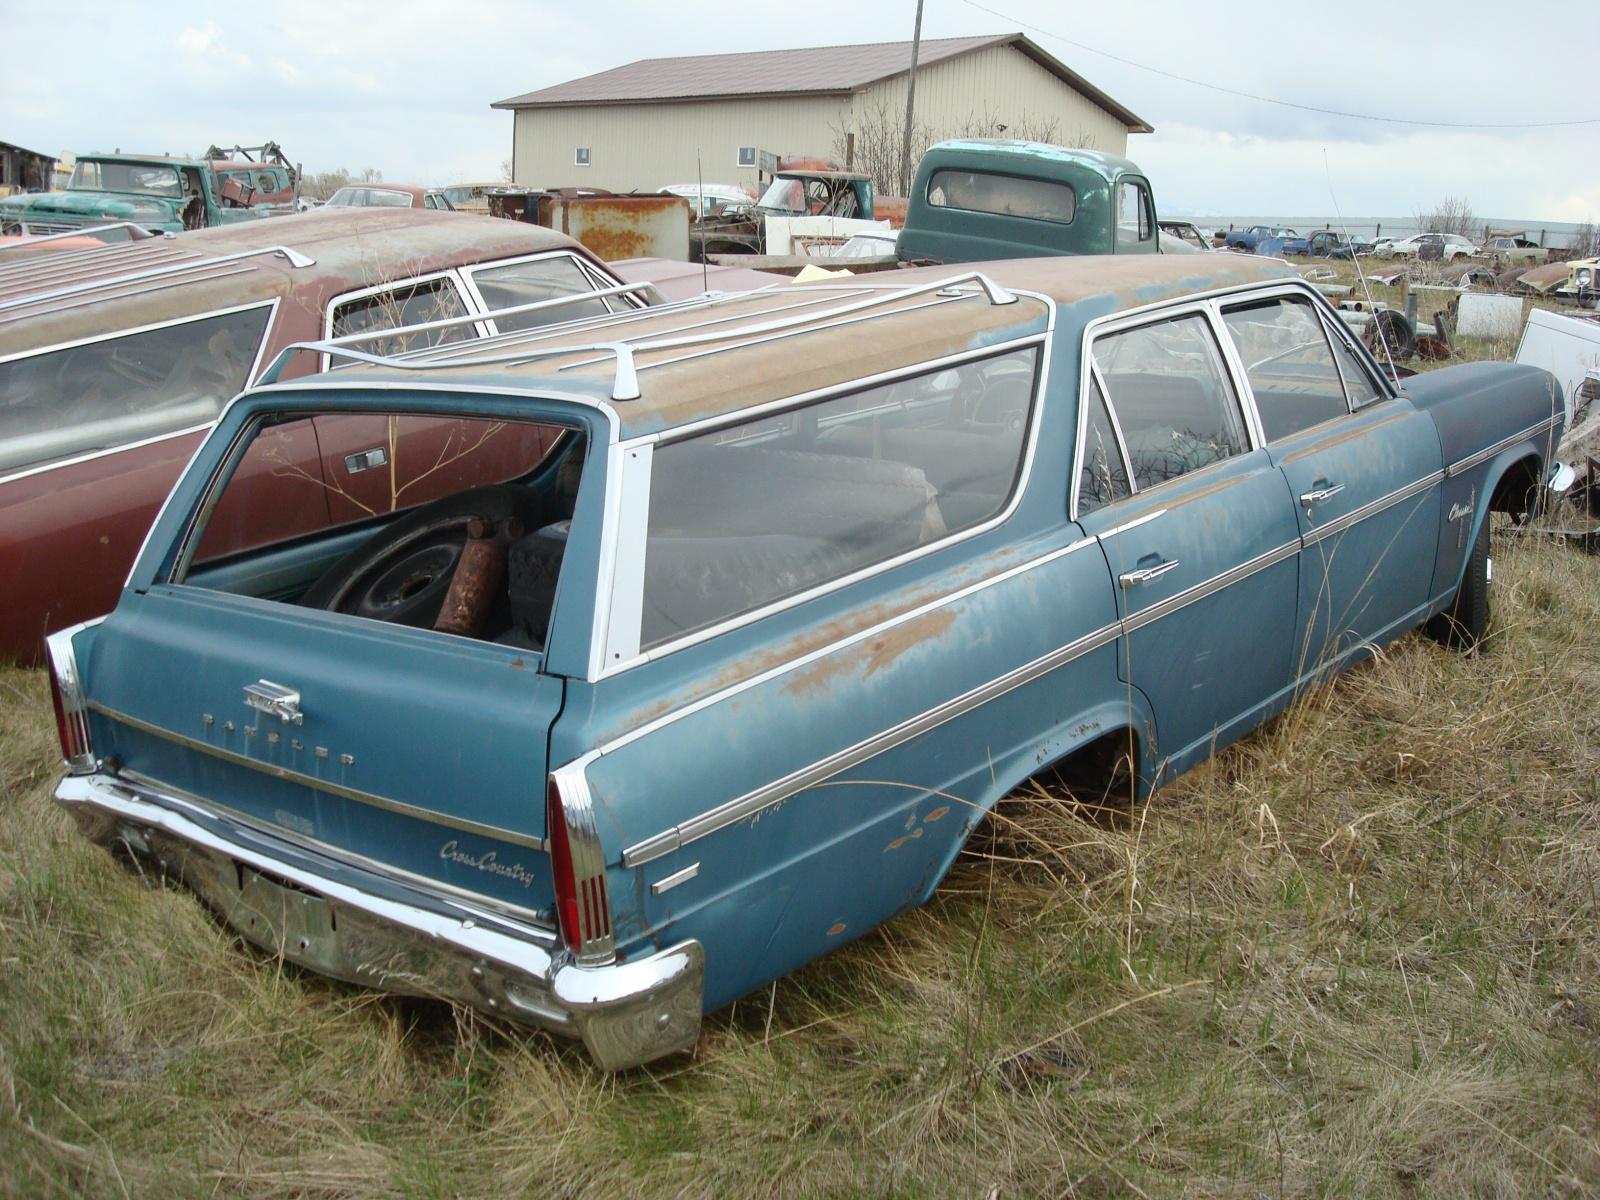 Holey Buckets 1966 Amc Rambler Wagon